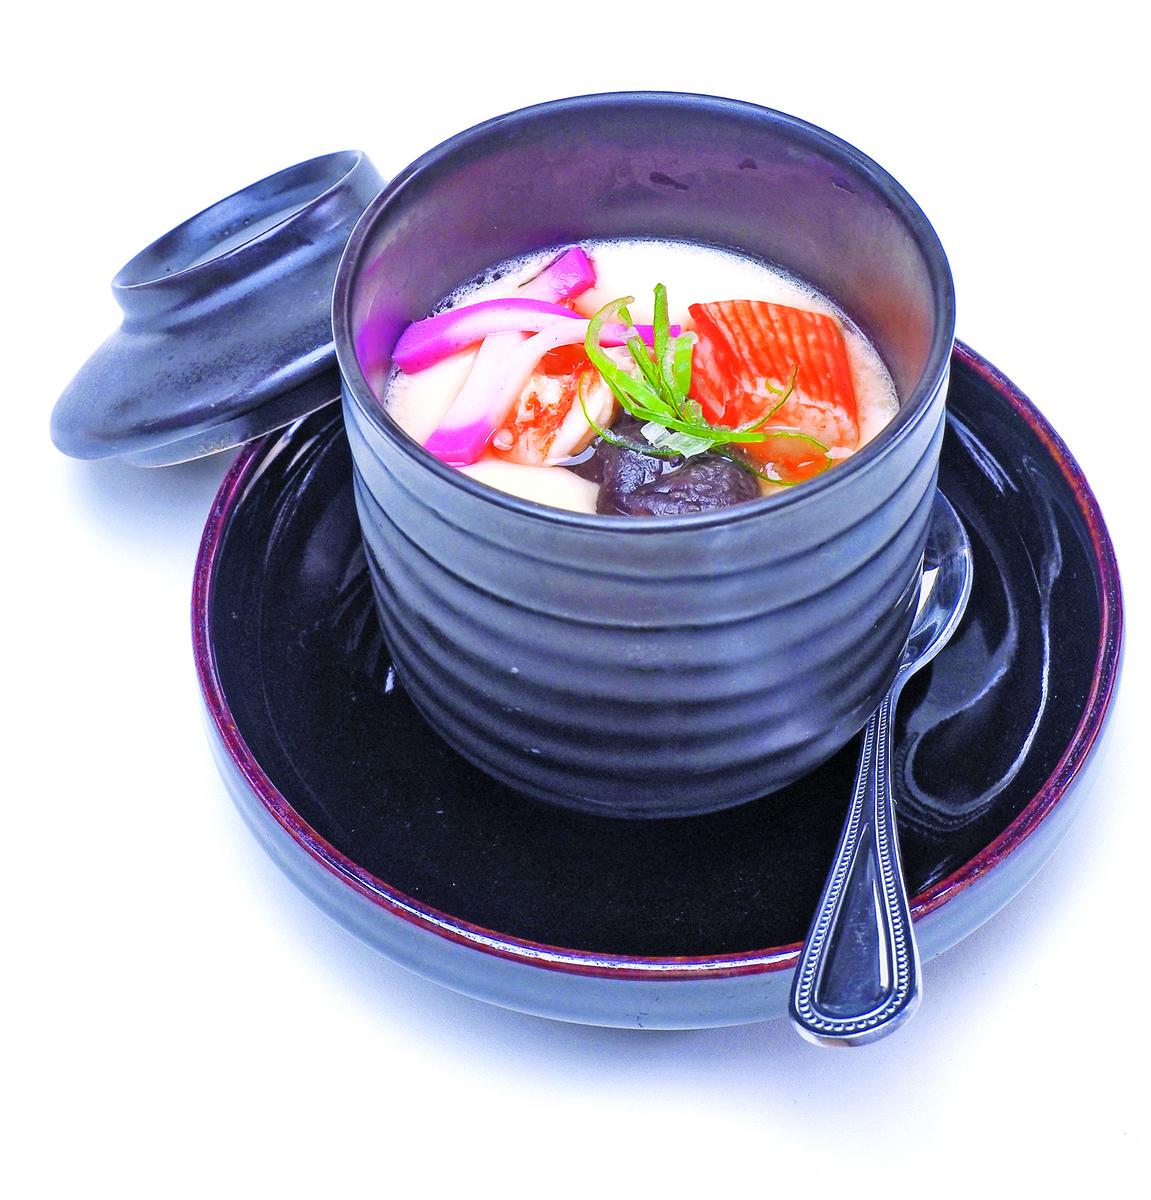 清爽純淨的日式高湯,適合製作茶碗蒸。